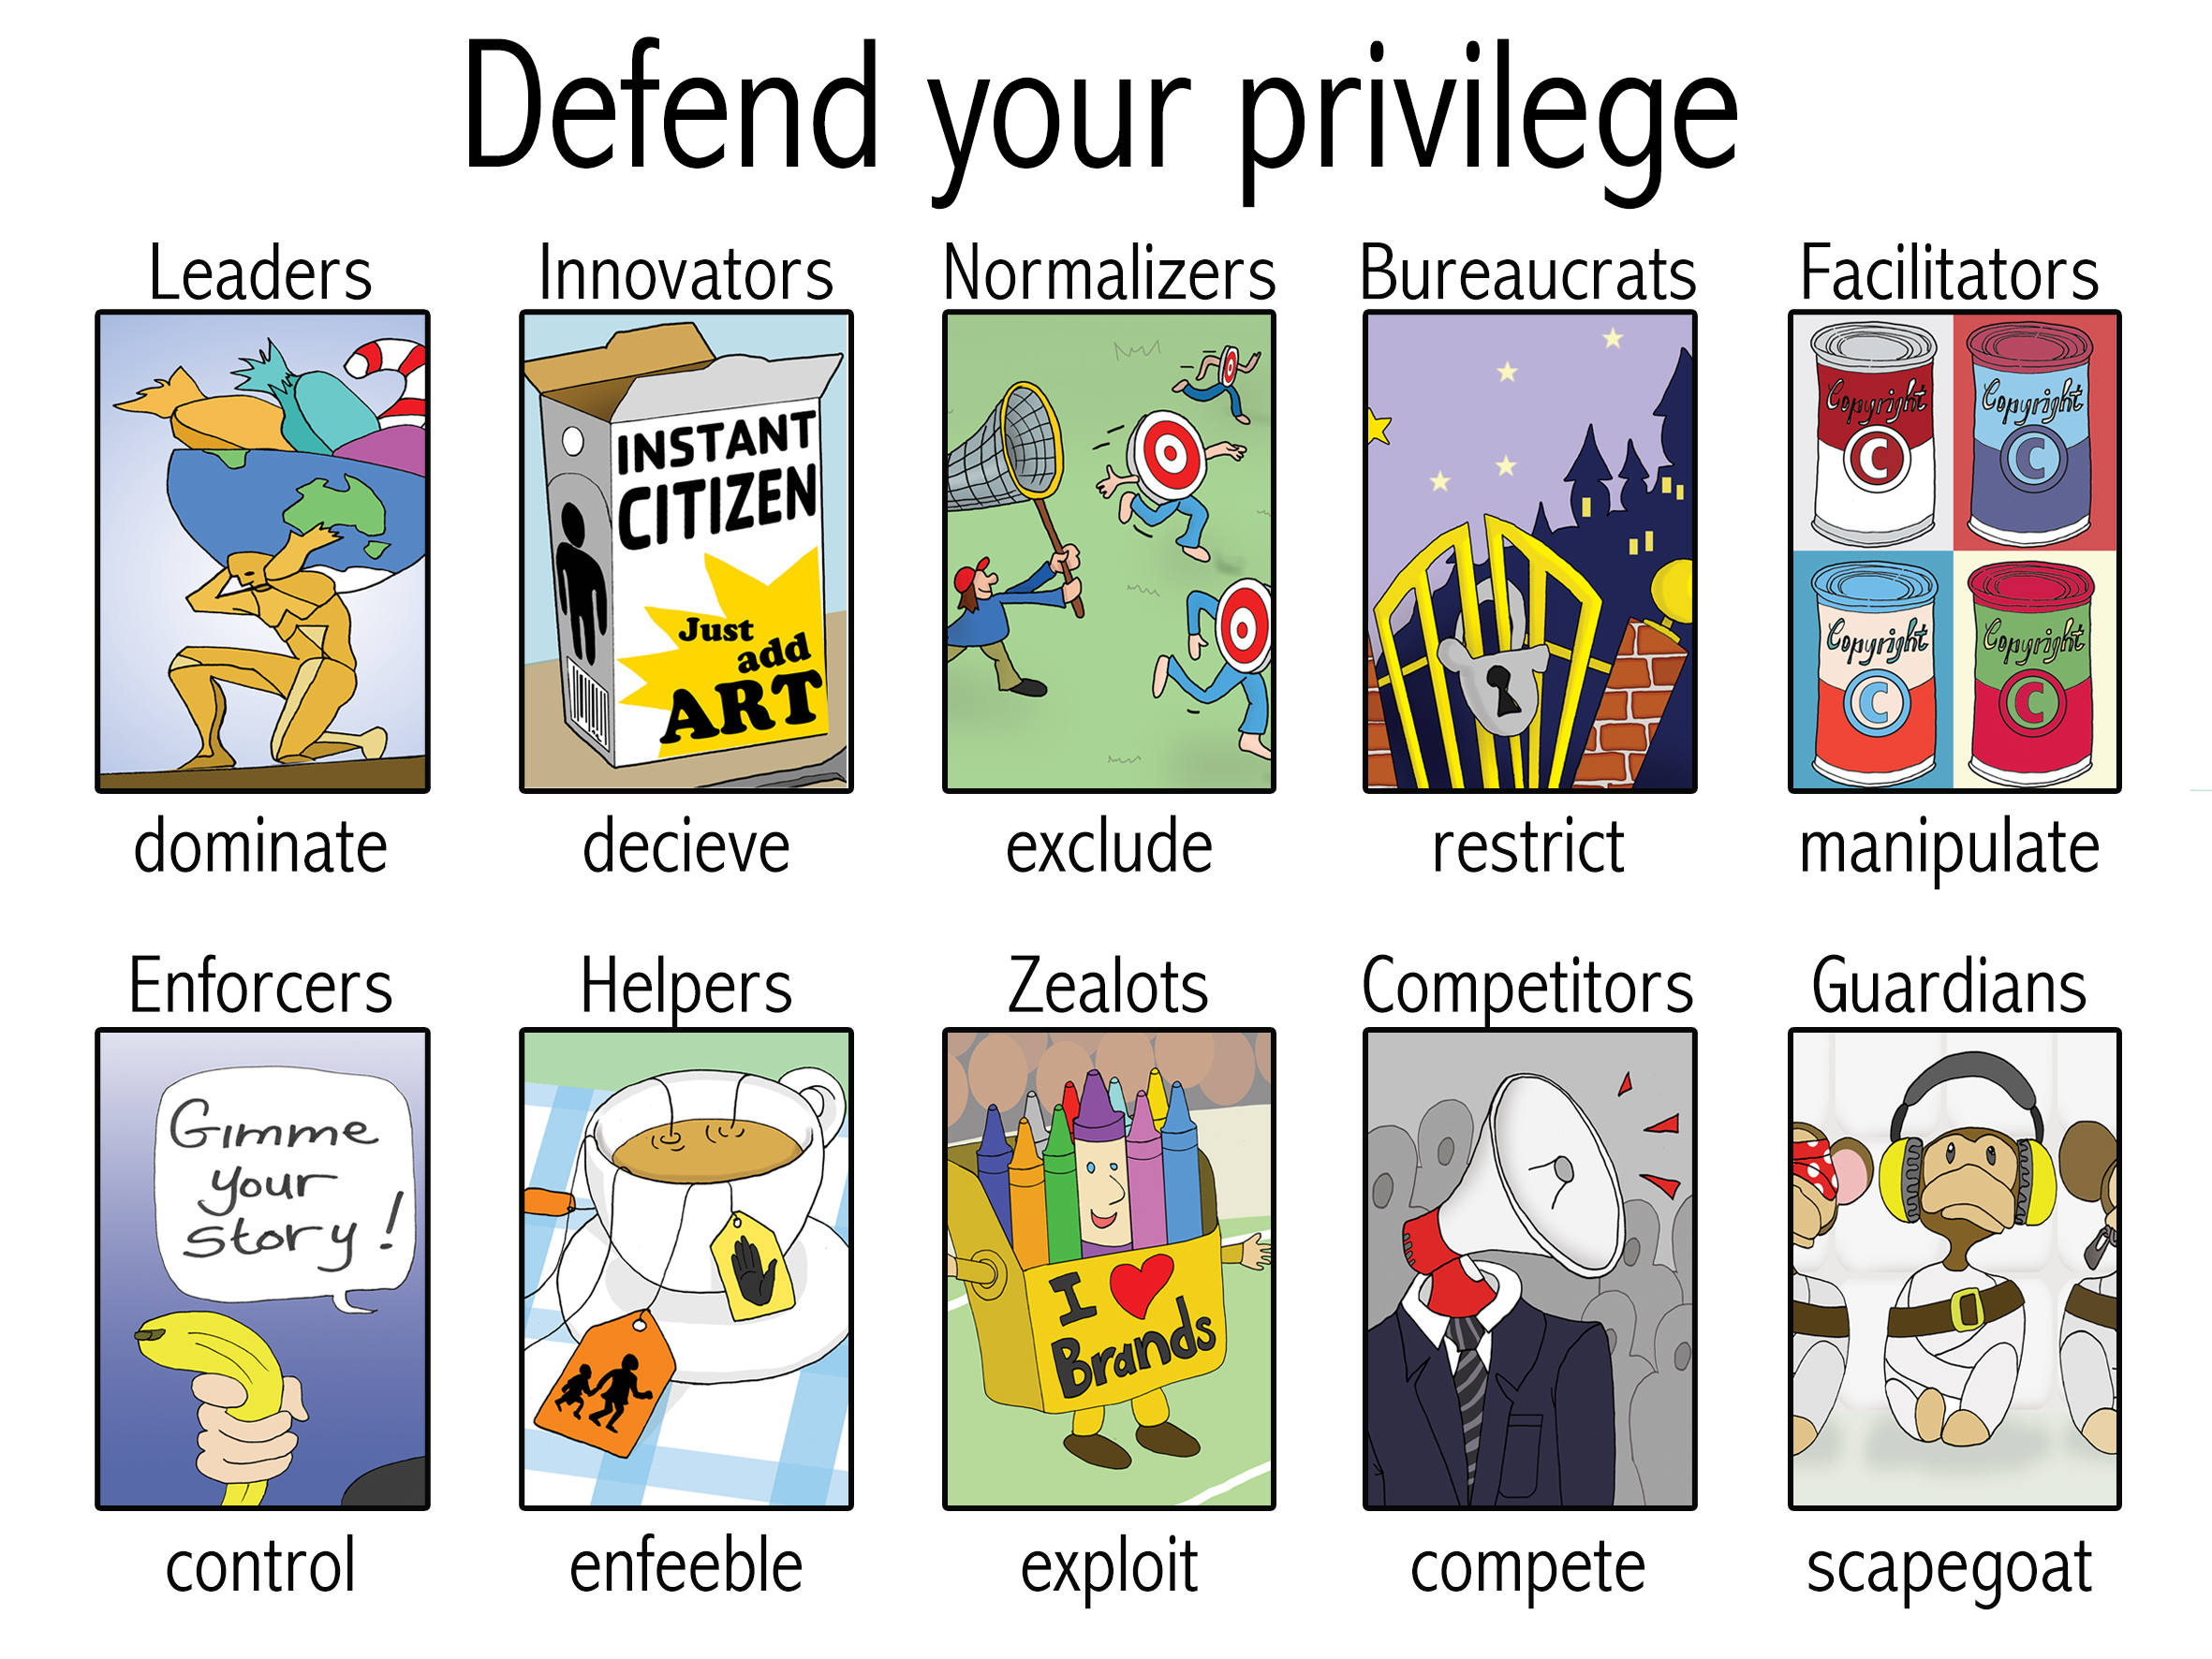 whatprivilege-defend-your-privilege.jpg